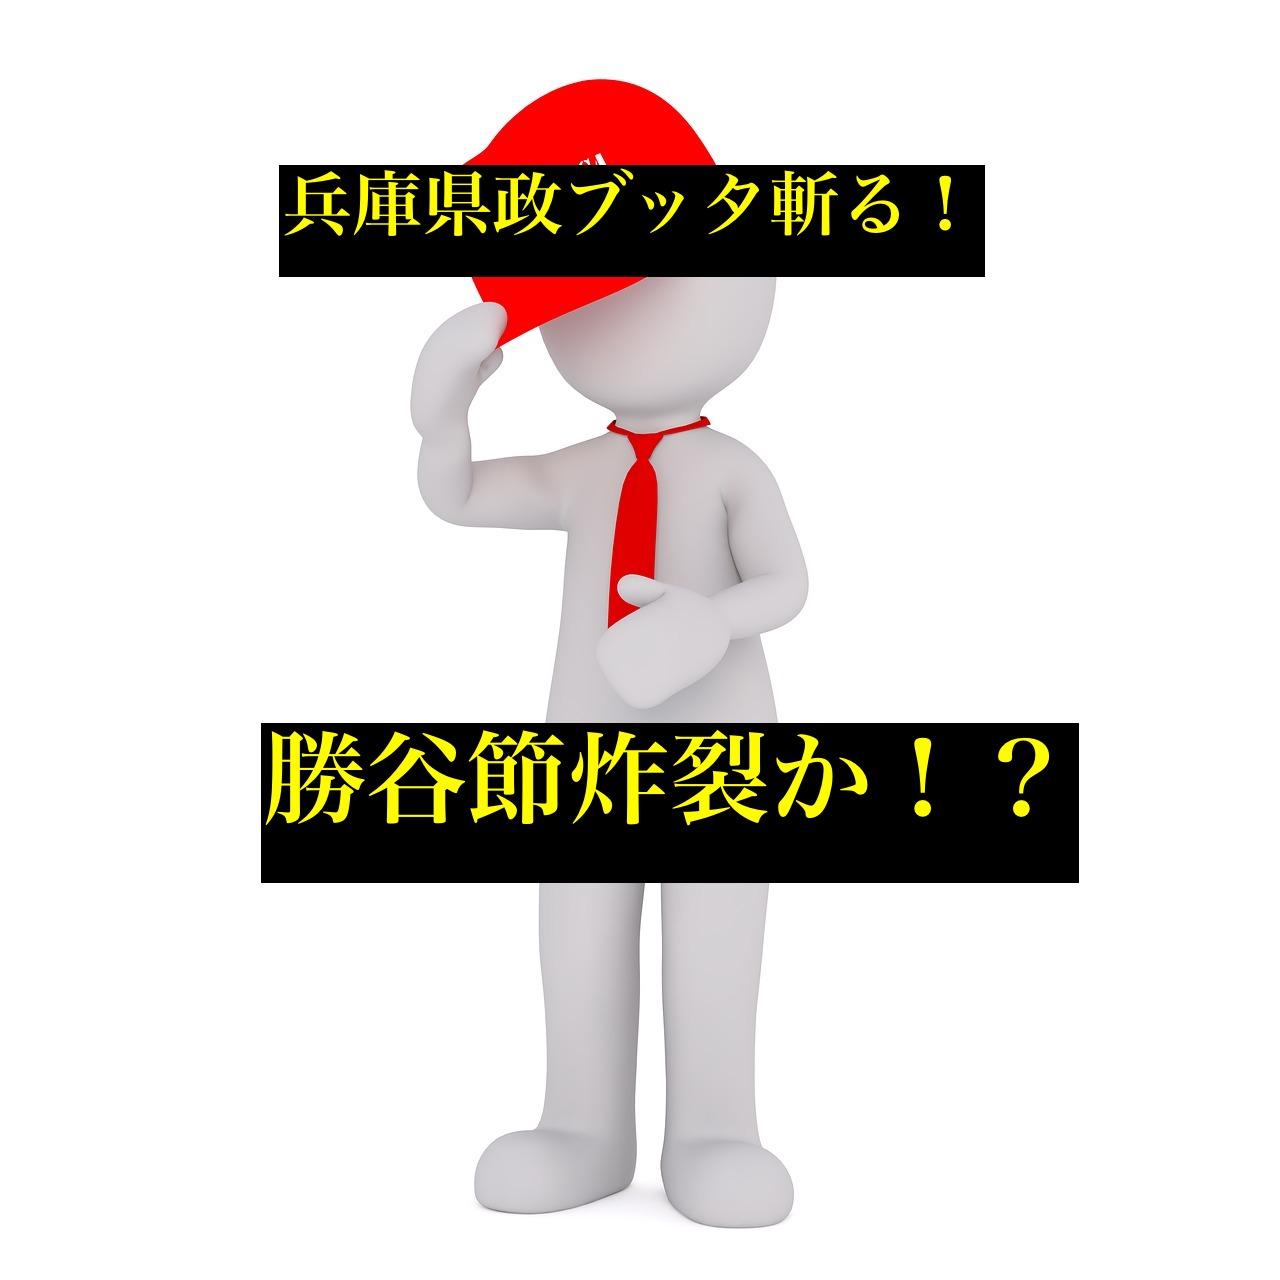 勝谷誠彦兵庫県知事選挙立候補